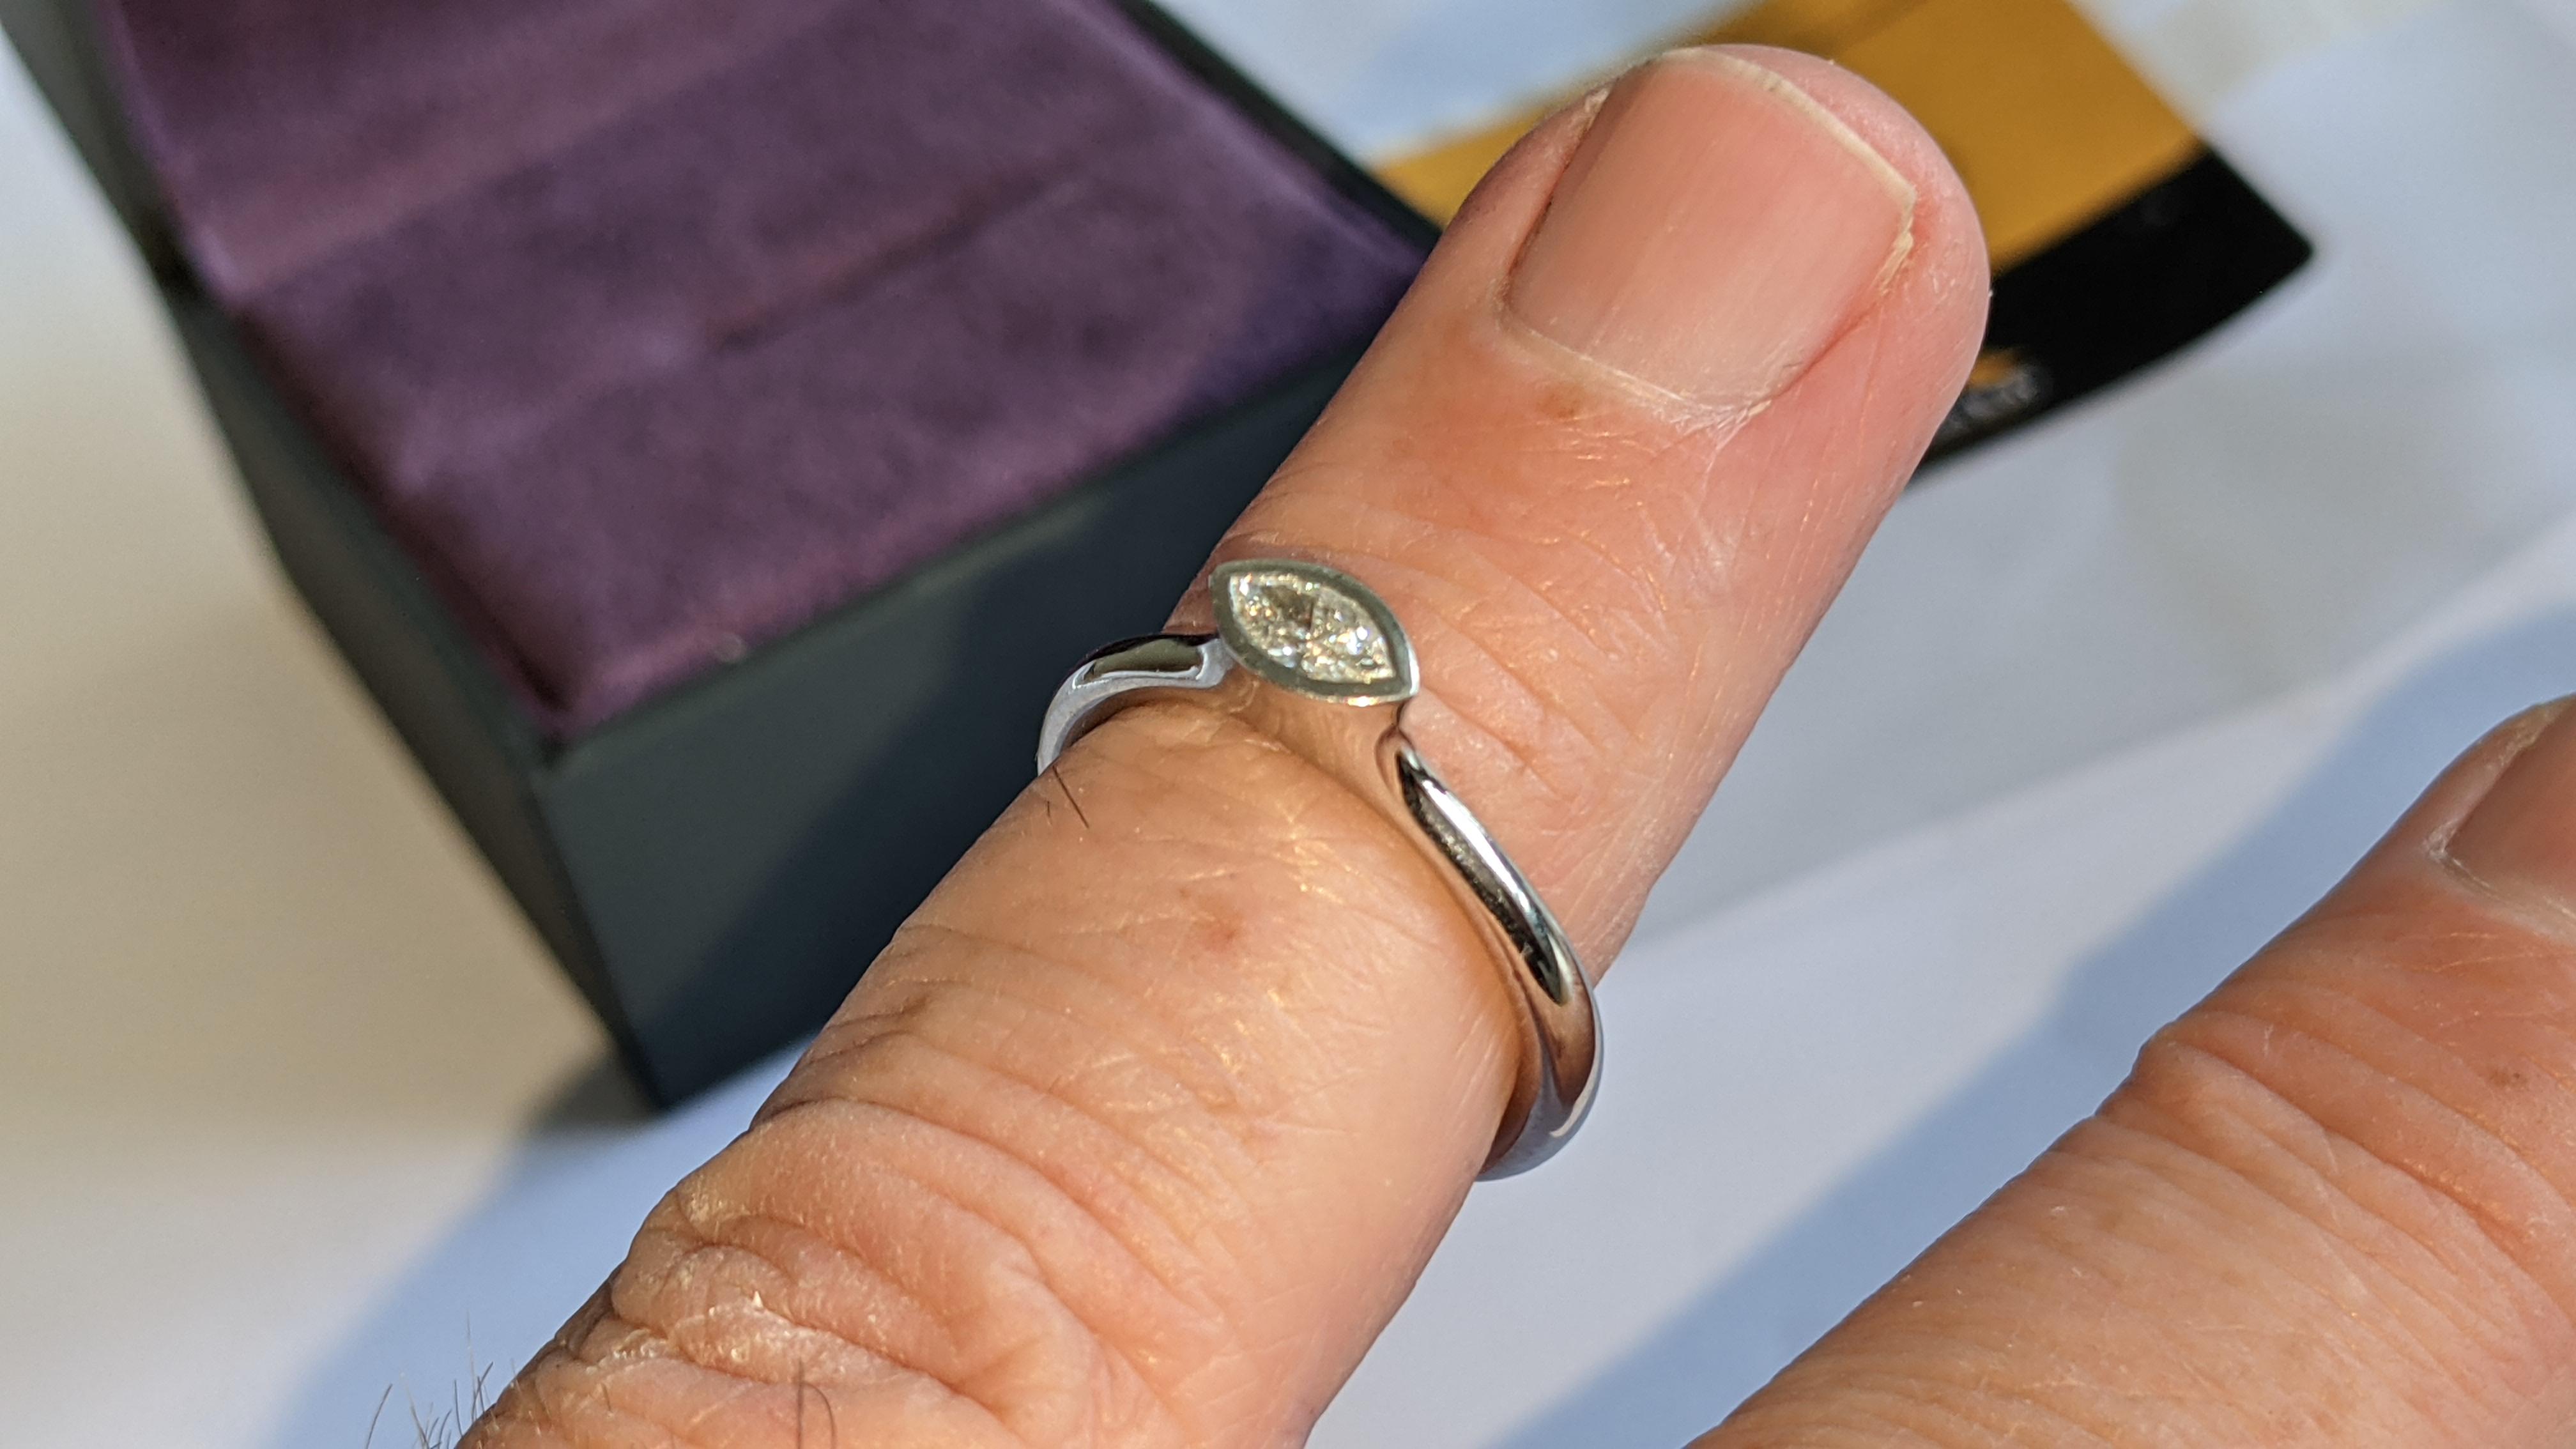 Platinum 950 & diamond ring with 0.22ct of G/VS diamond. RRP £2,502 - Image 12 of 14